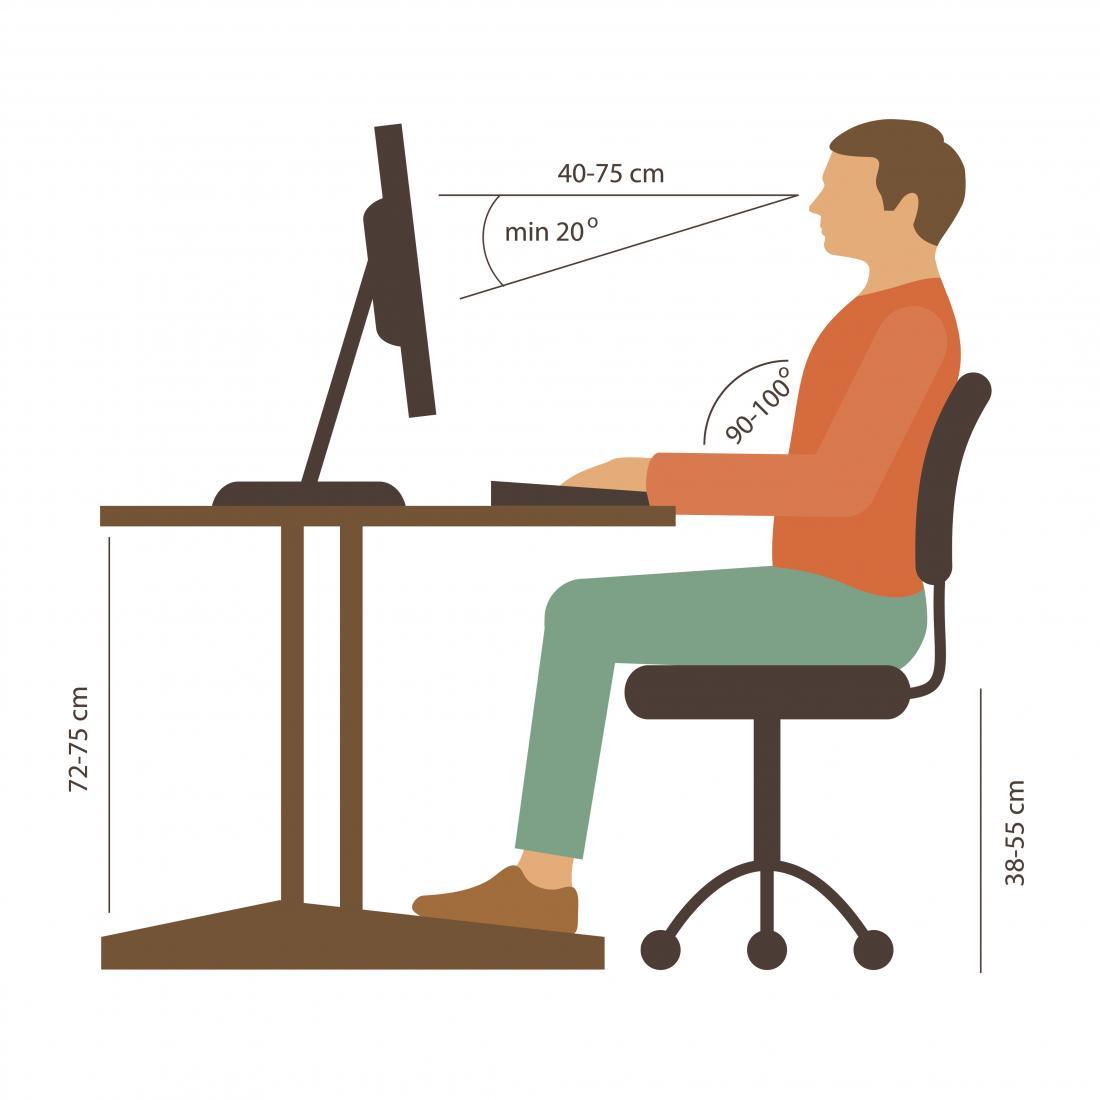 Diagramma di postura seduta corretta a una scrivania del computer.